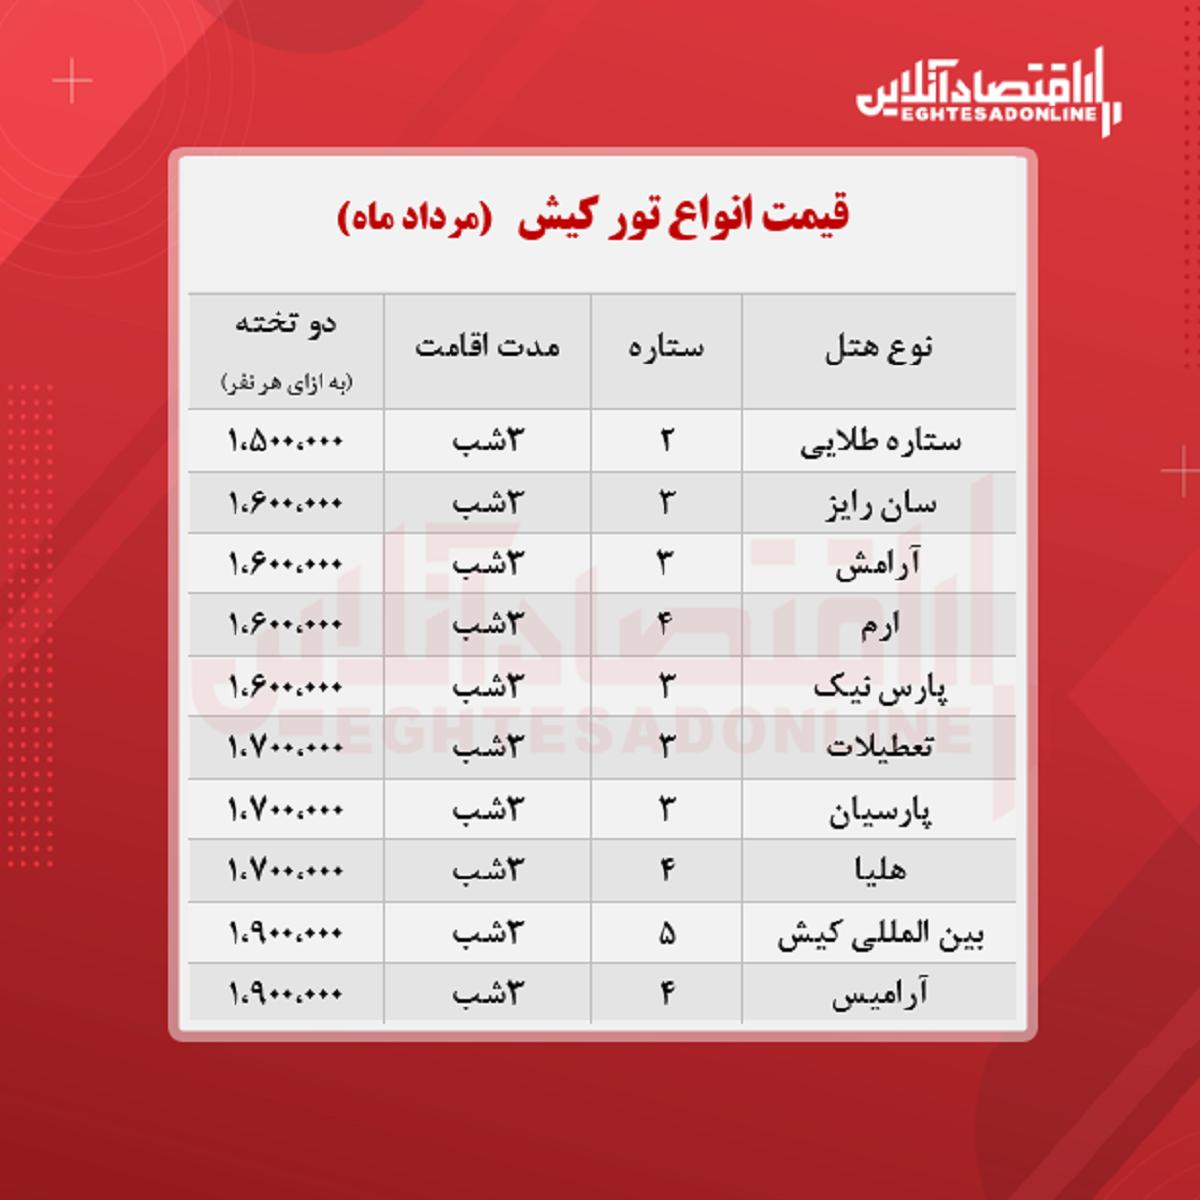 قیمت جدید تور کیش (هوایی) + جدول